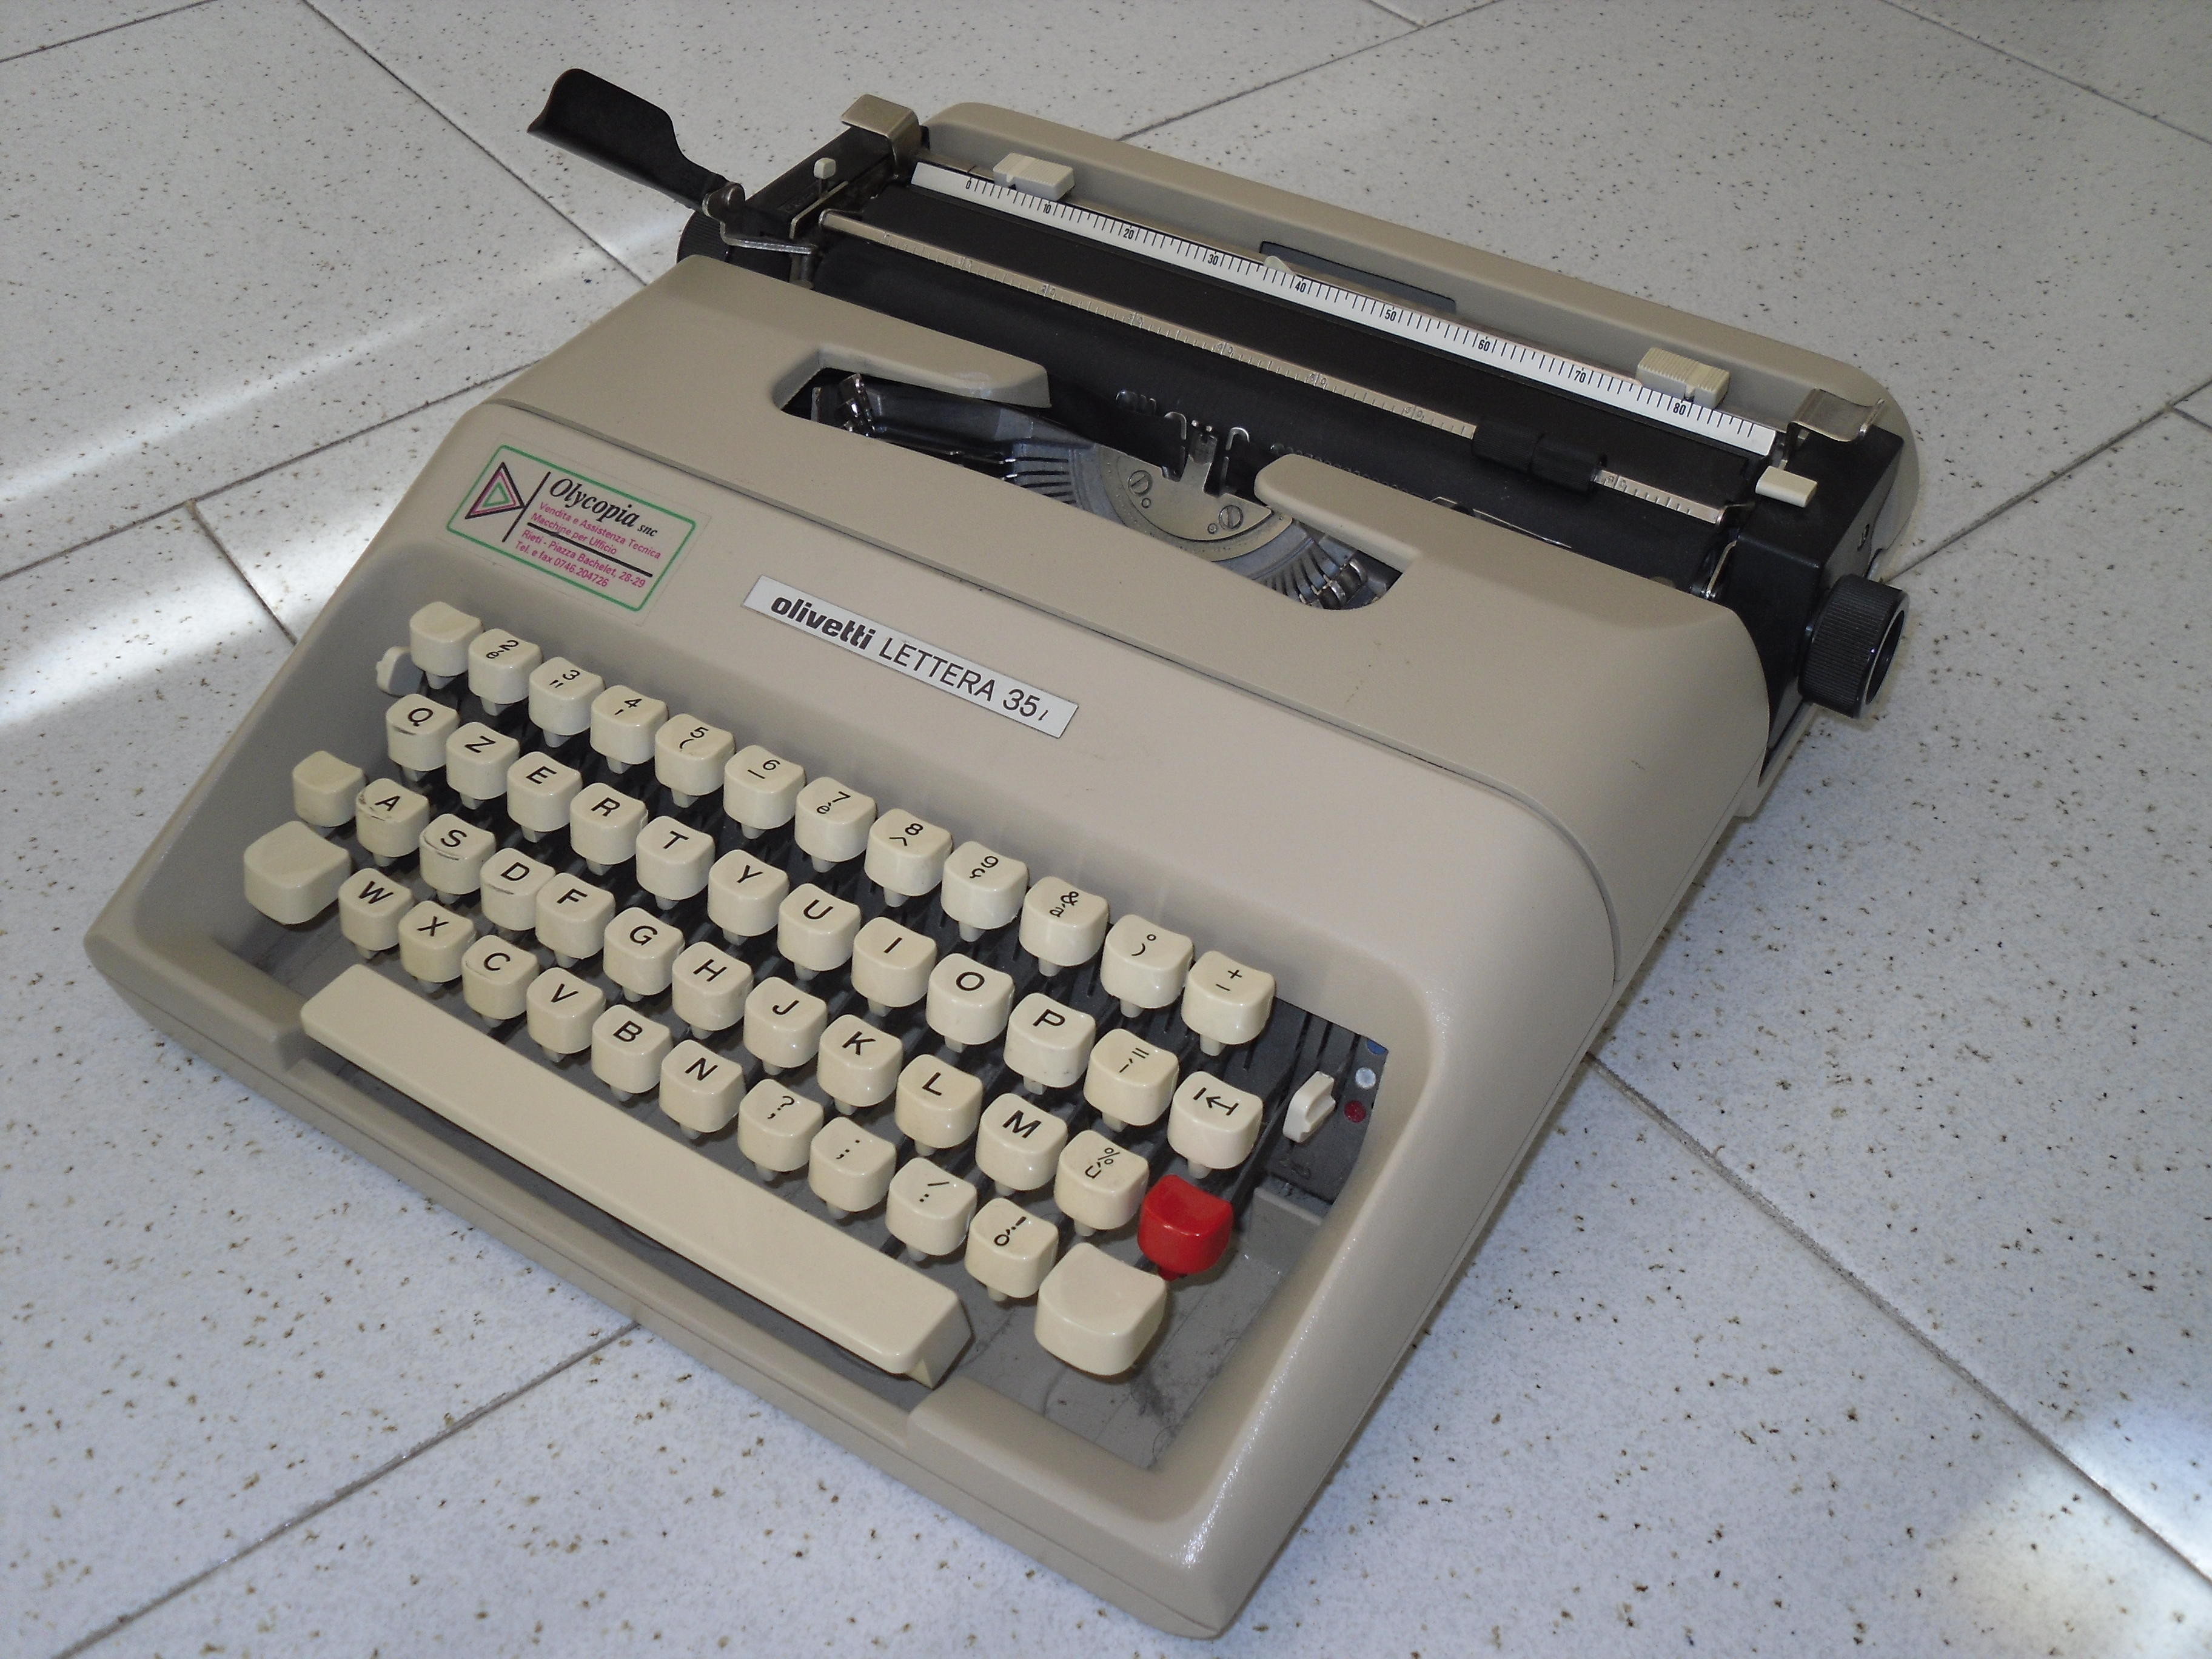 Description Olivetti Lettera 35 L.jpg